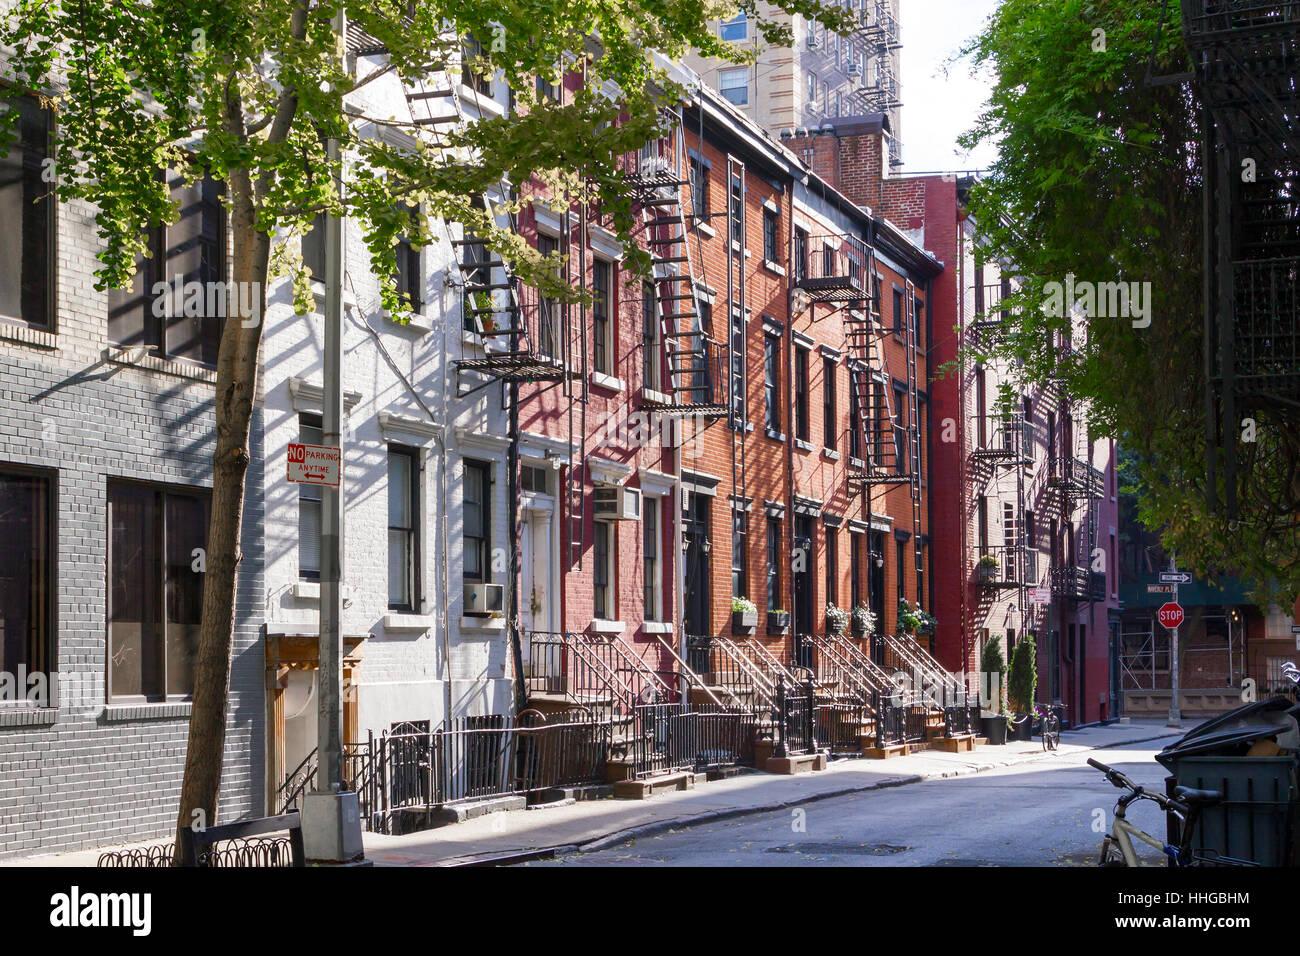 Sol en los árboles, las aceras, y edificios históricos de Gay Street, en el barrio de Greenwich Village Imagen De Stock